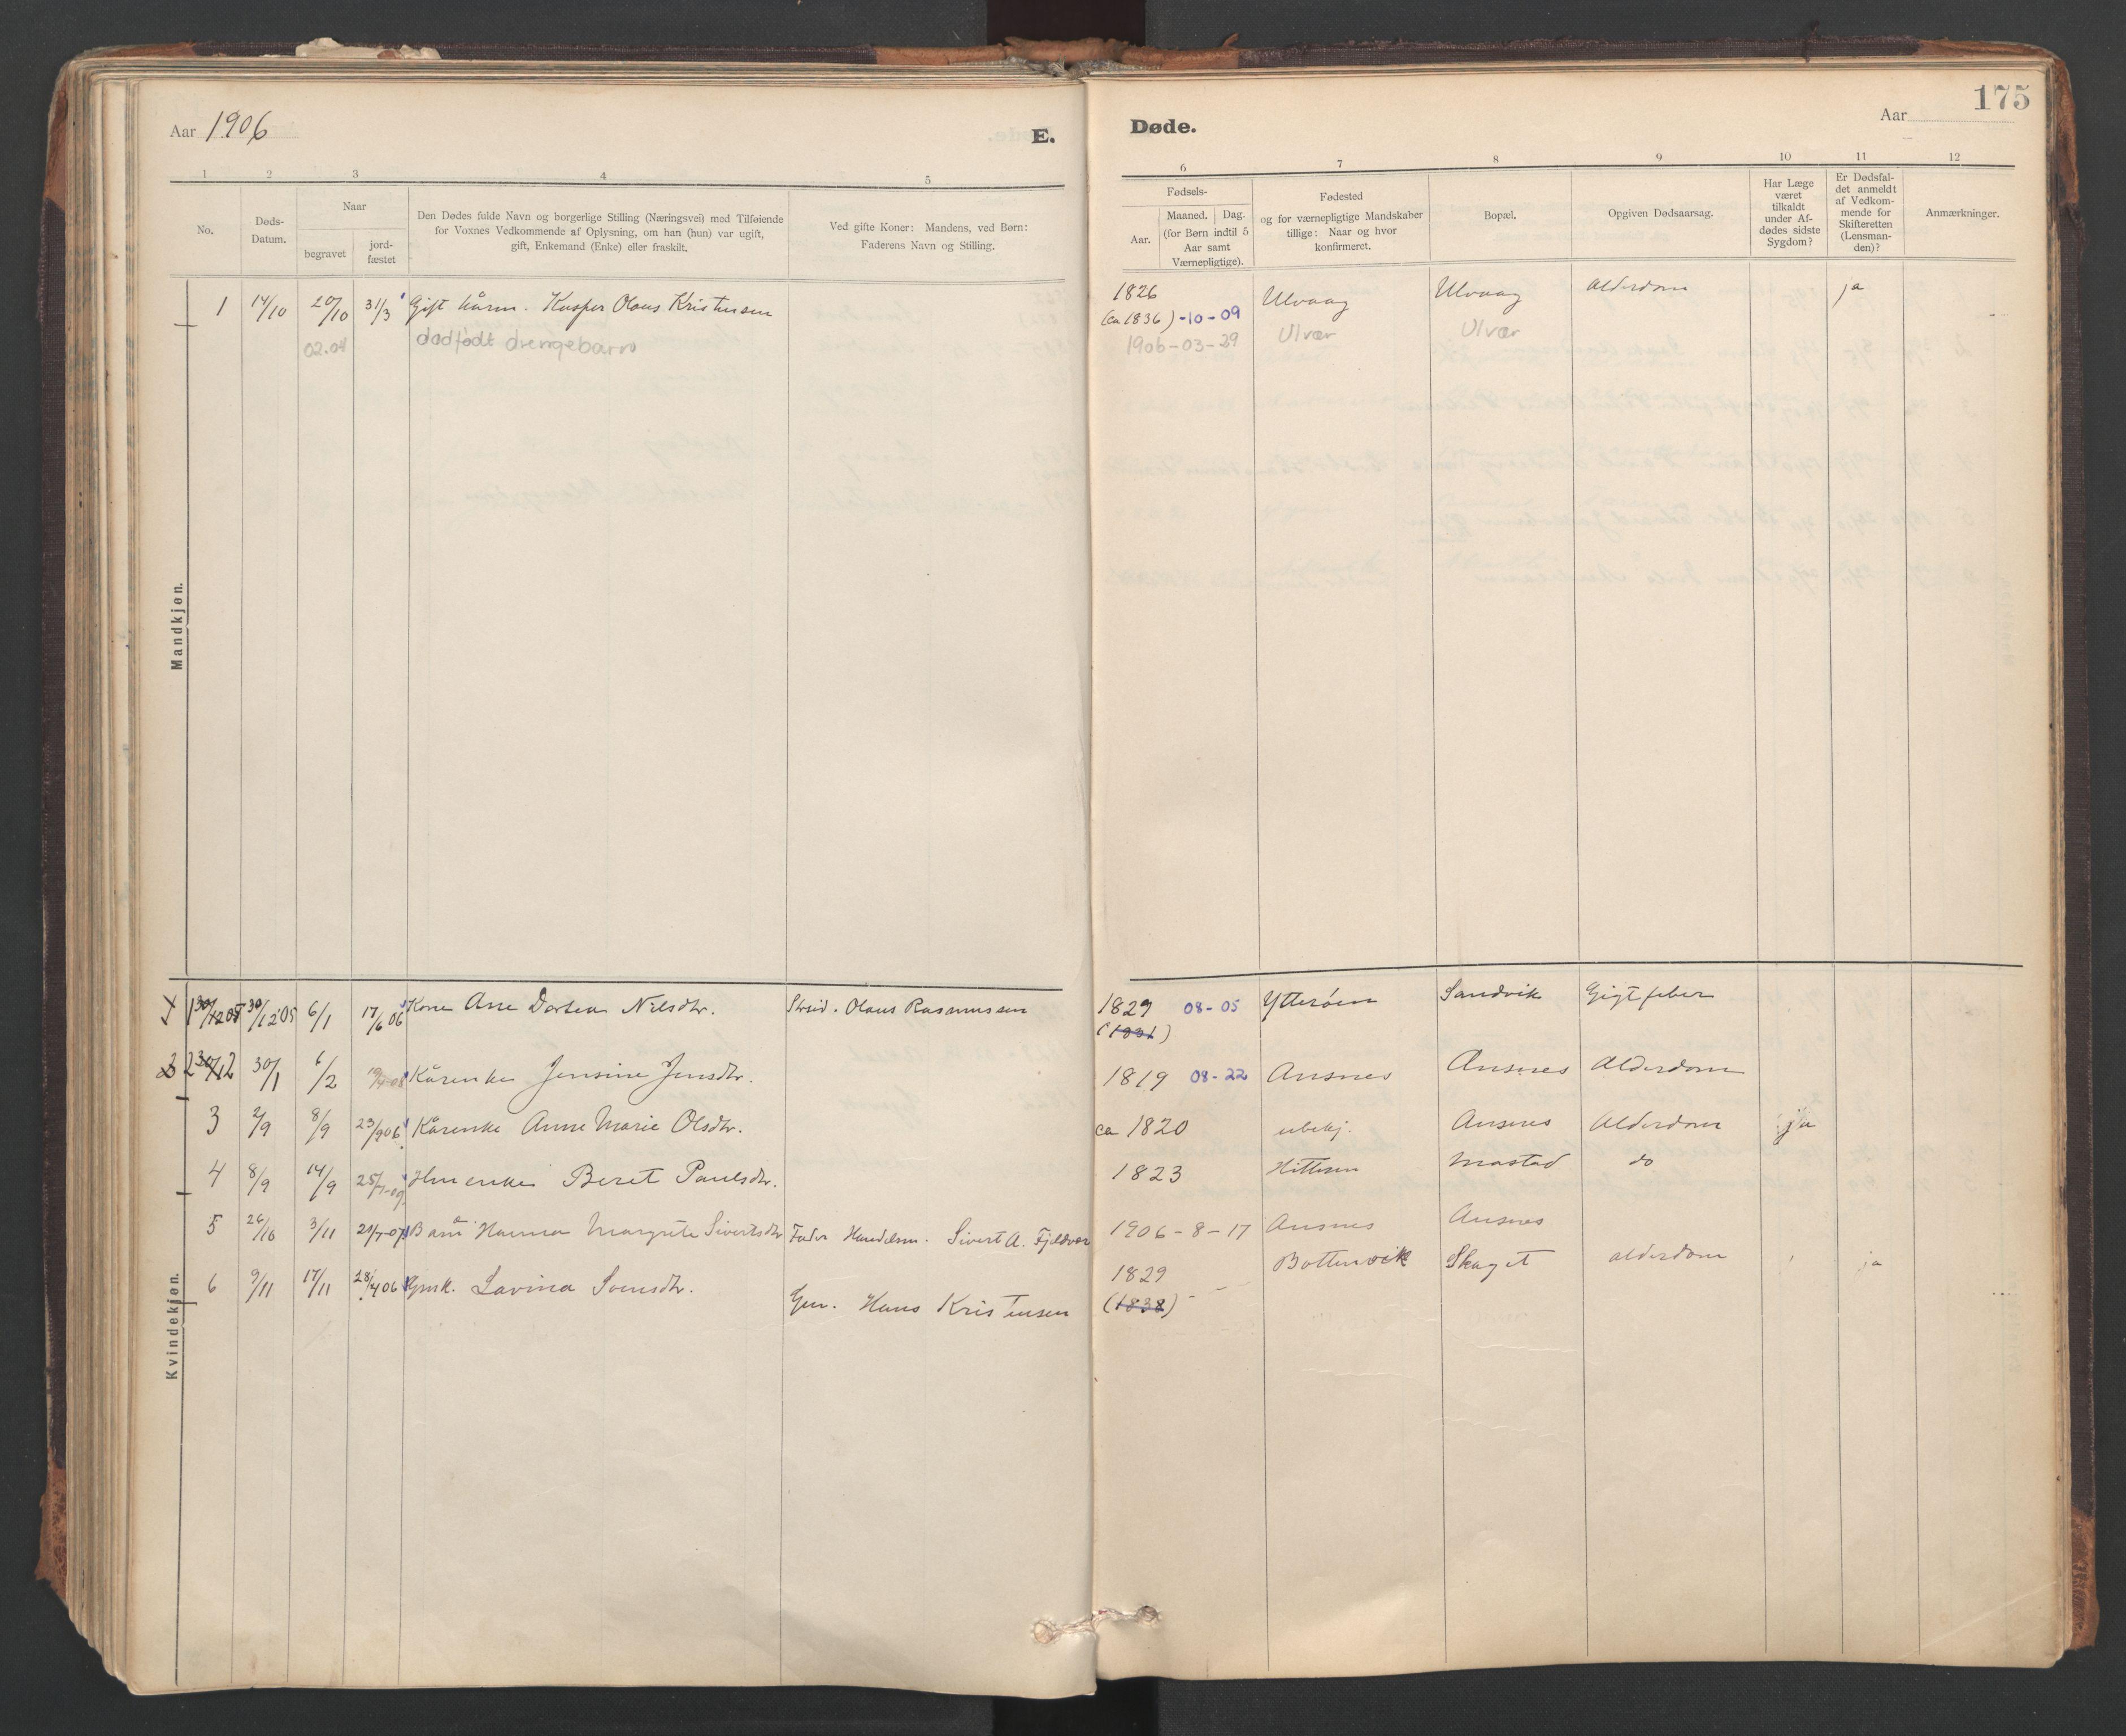 SAT, Ministerialprotokoller, klokkerbøker og fødselsregistre - Sør-Trøndelag, 637/L0559: Ministerialbok nr. 637A02, 1899-1923, s. 175